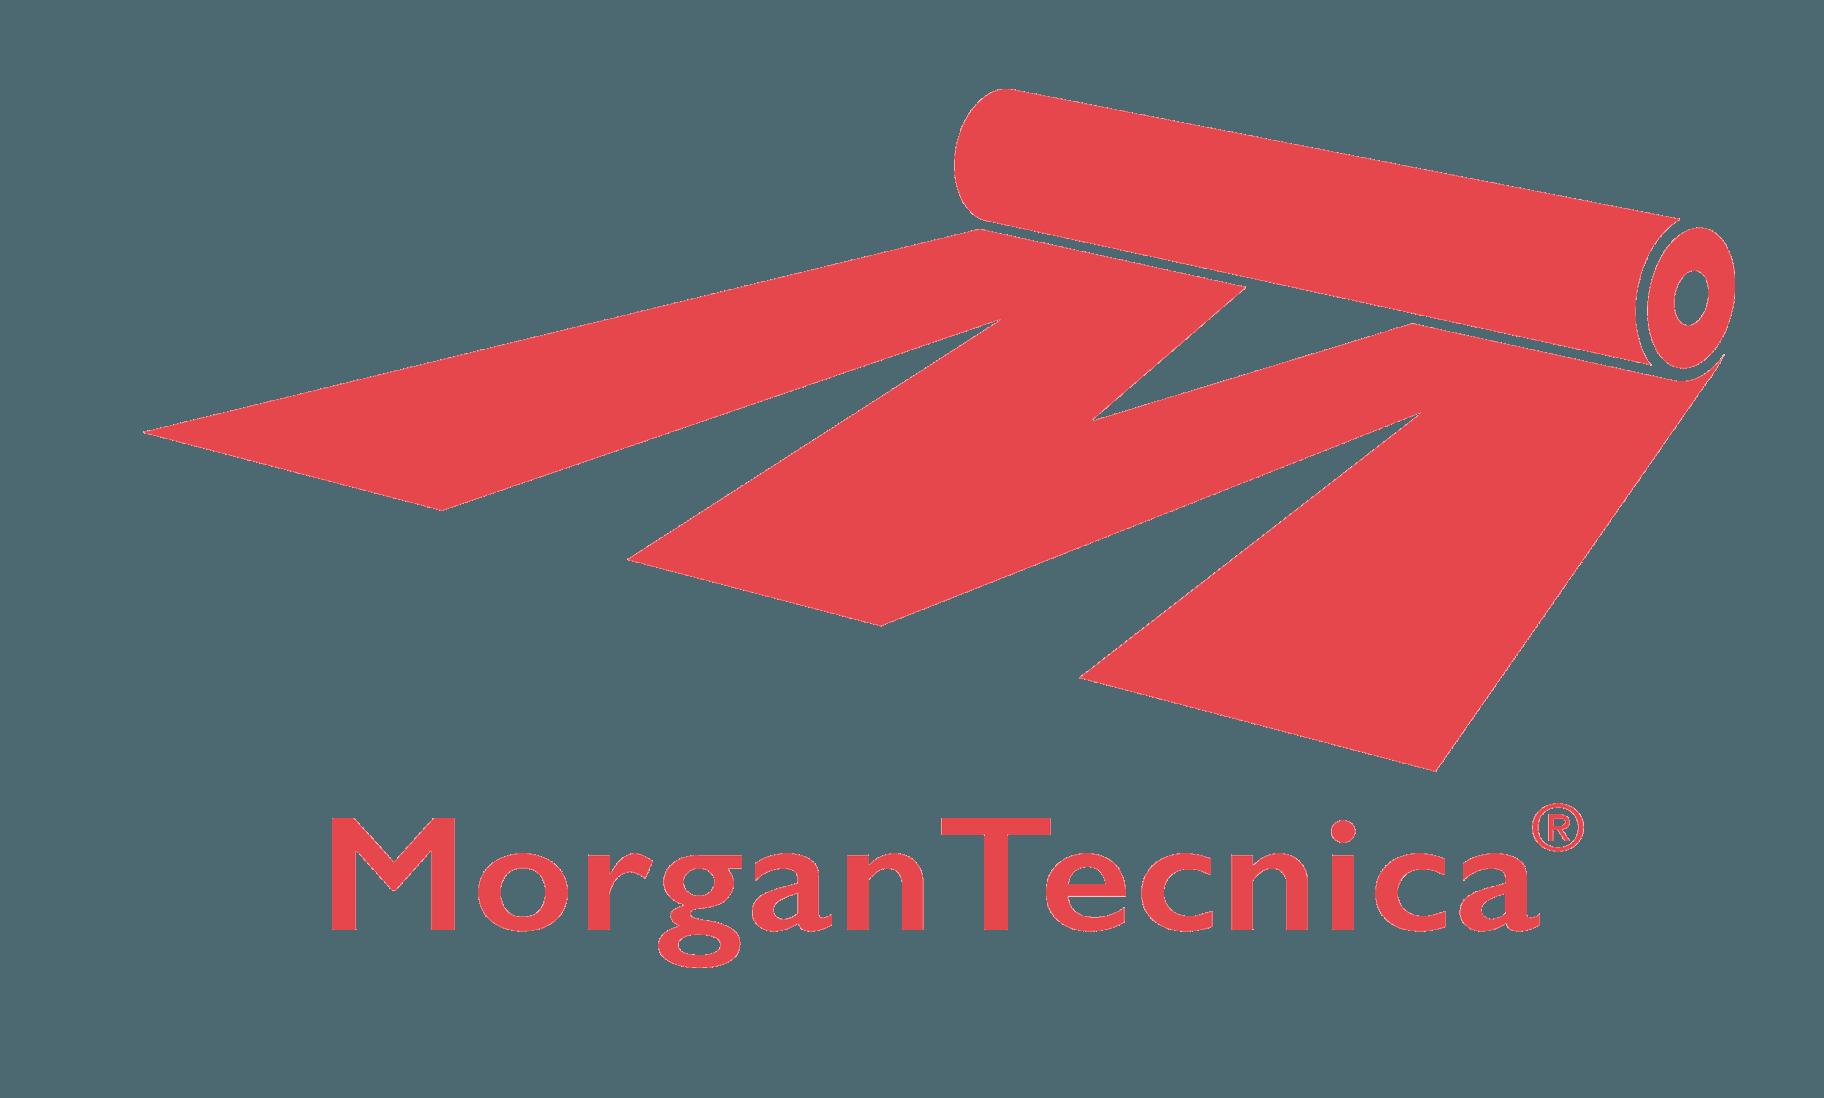 Morgan Tecnica